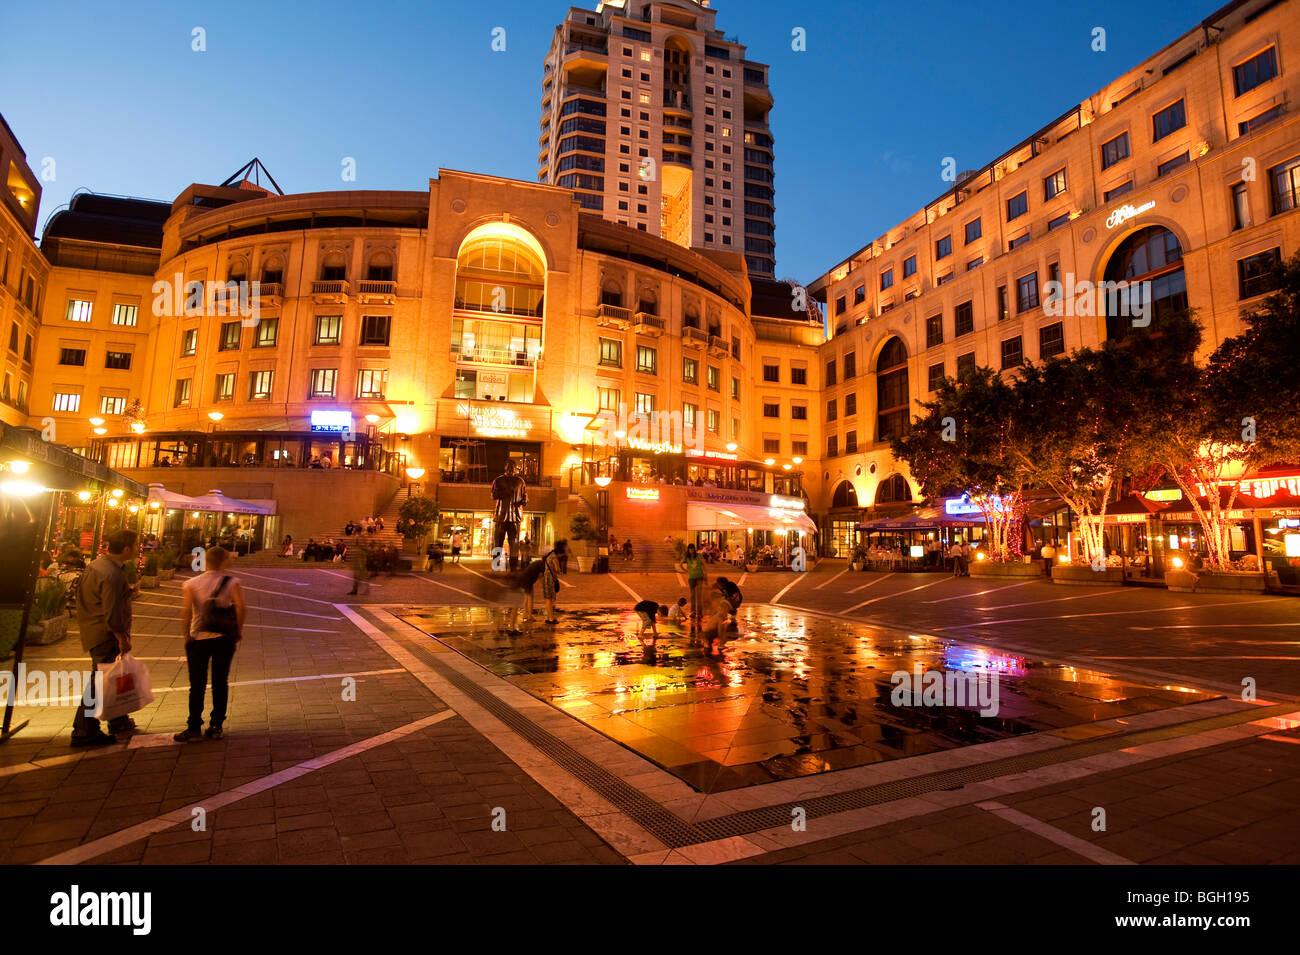 La place Nelson Mandela dans la soirée. Sandton, Johannesburg, Afrique du Sud Photo Stock